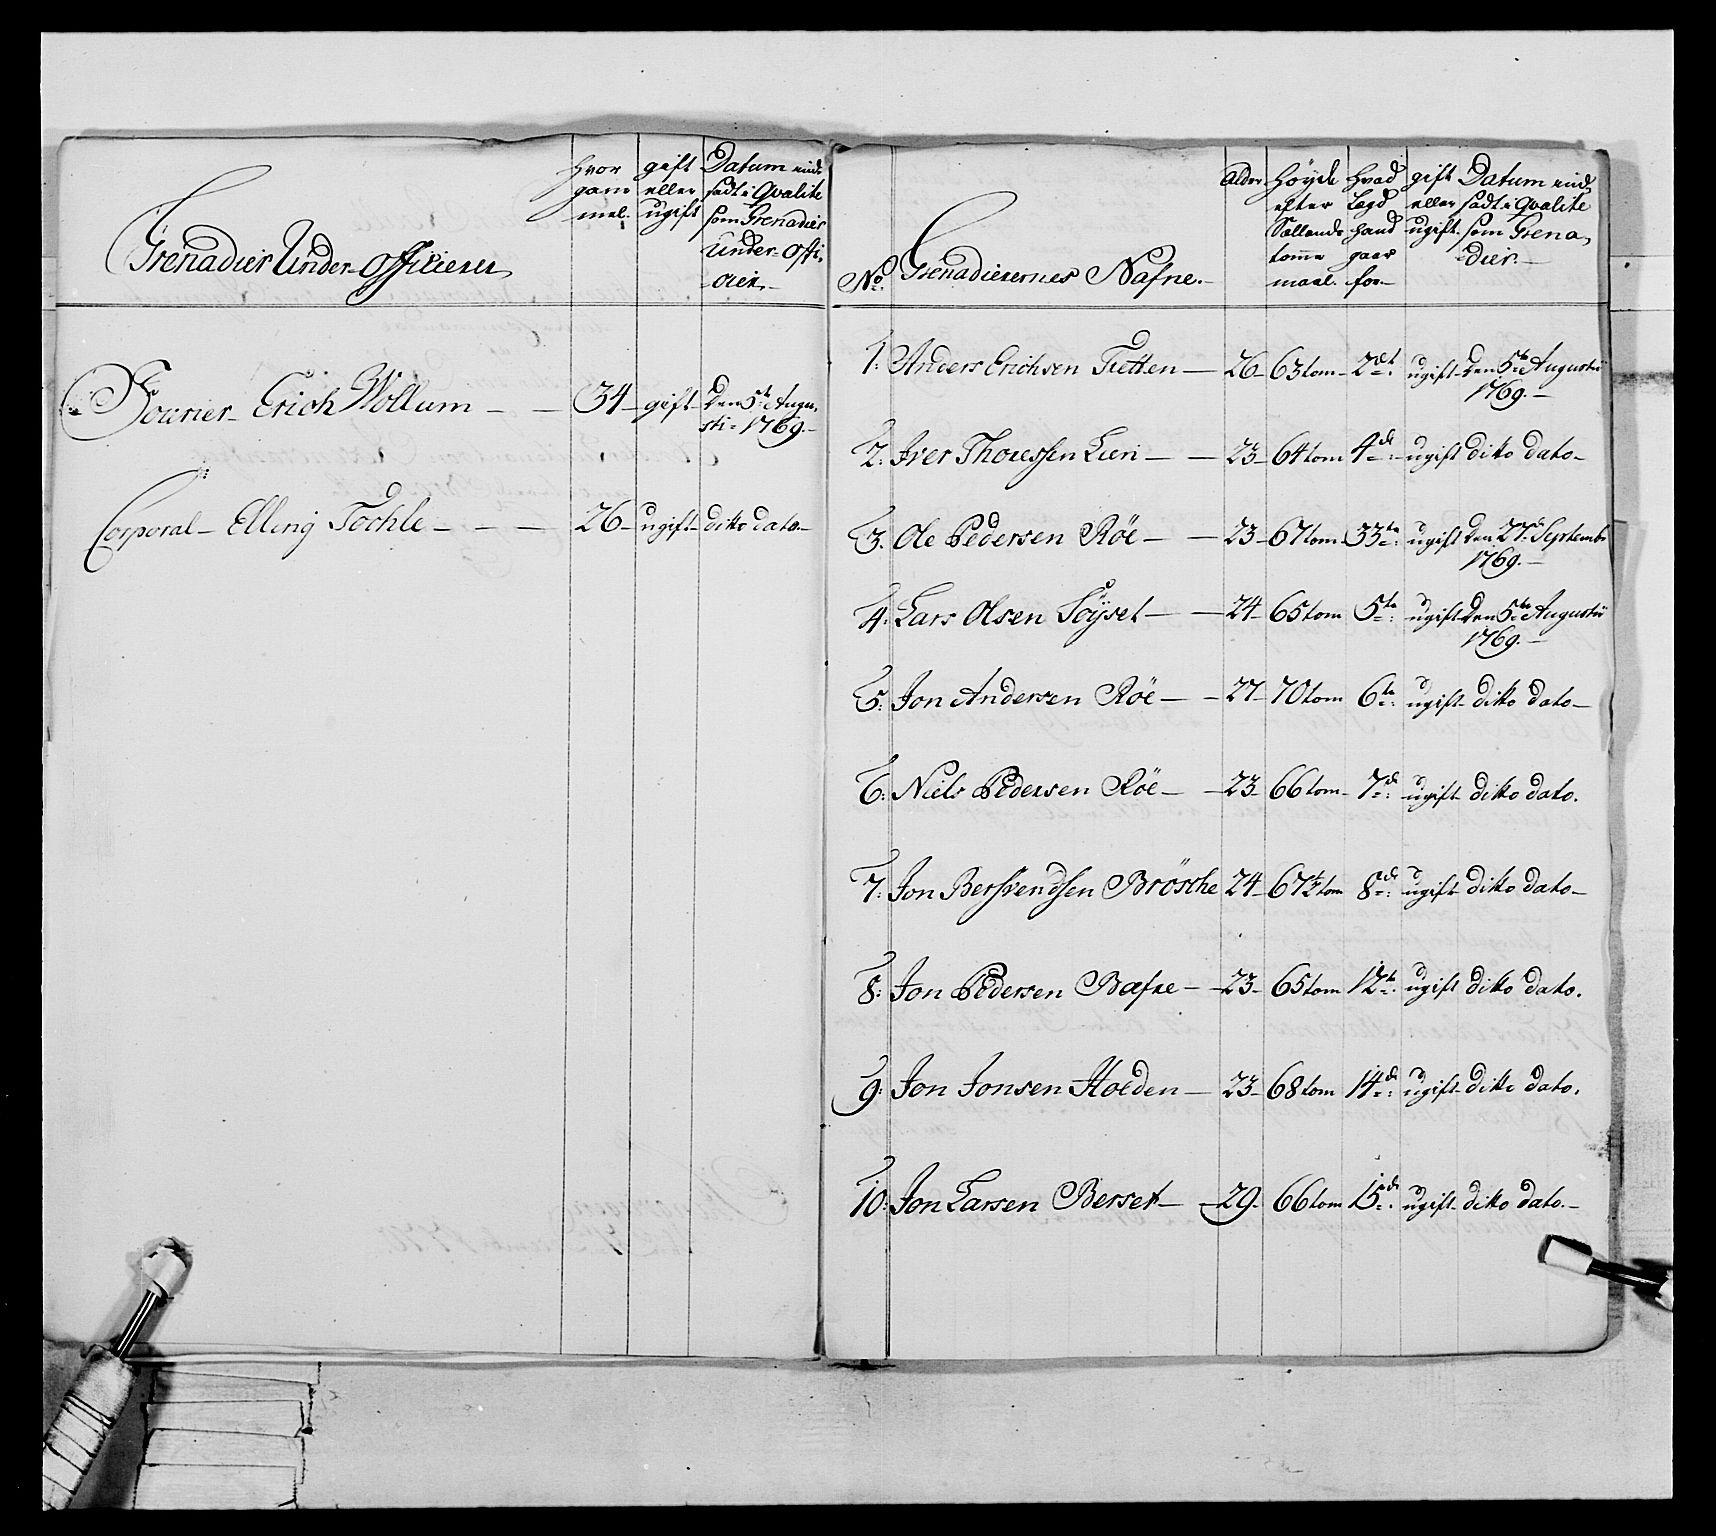 RA, Generalitets- og kommissariatskollegiet, Det kongelige norske kommissariatskollegium, E/Eh/L0076: 2. Trondheimske nasjonale infanteriregiment, 1766-1773, s. 117